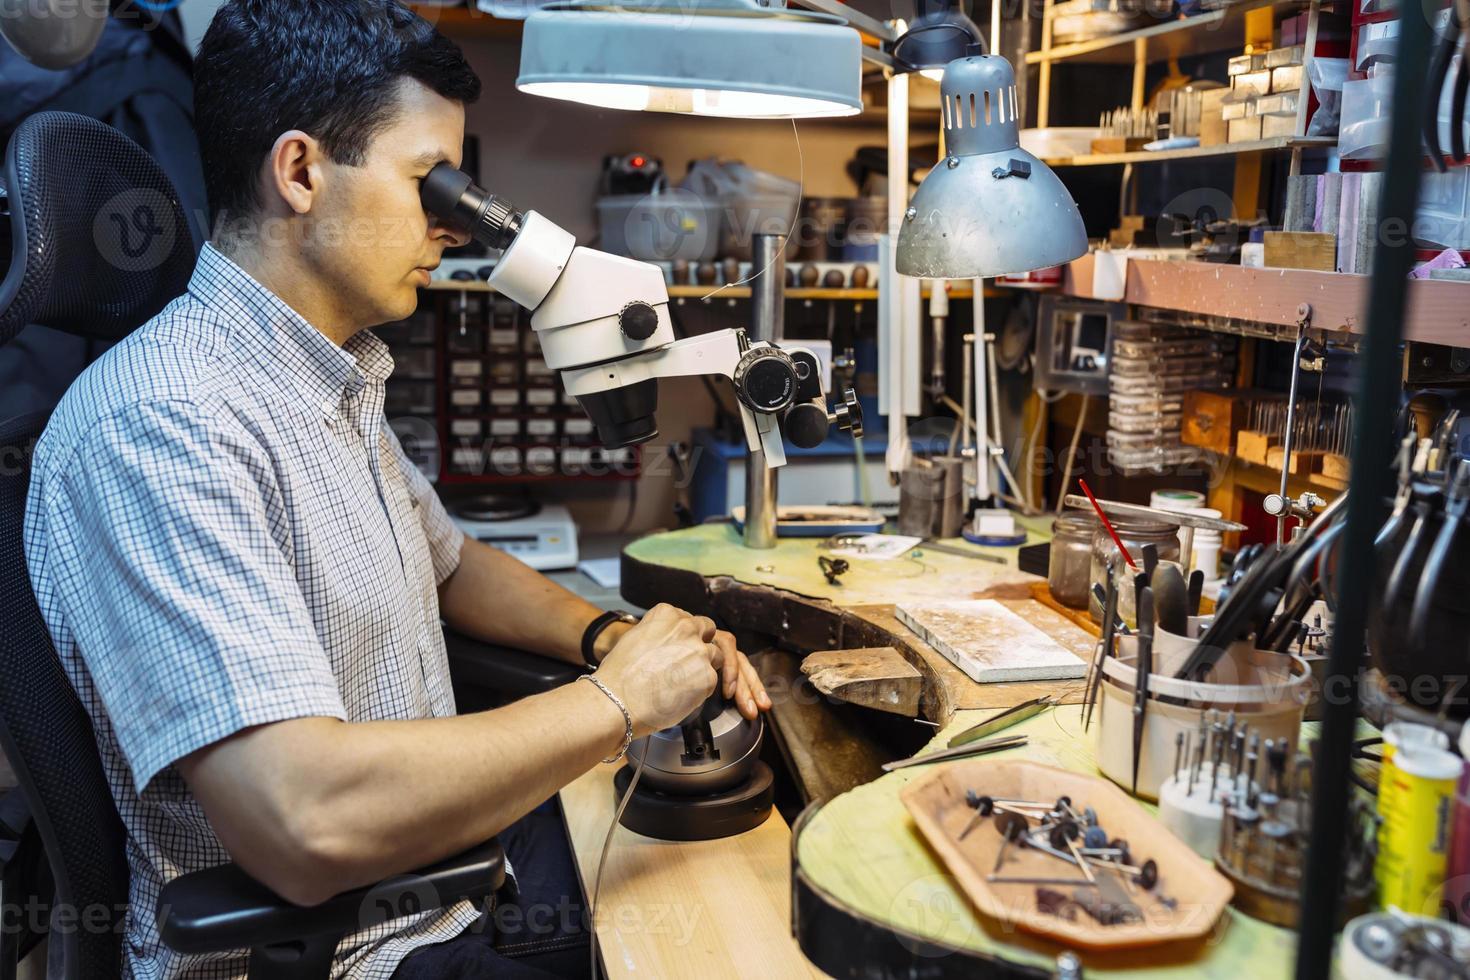 precisionsarbete som utförs av juveleraren foto